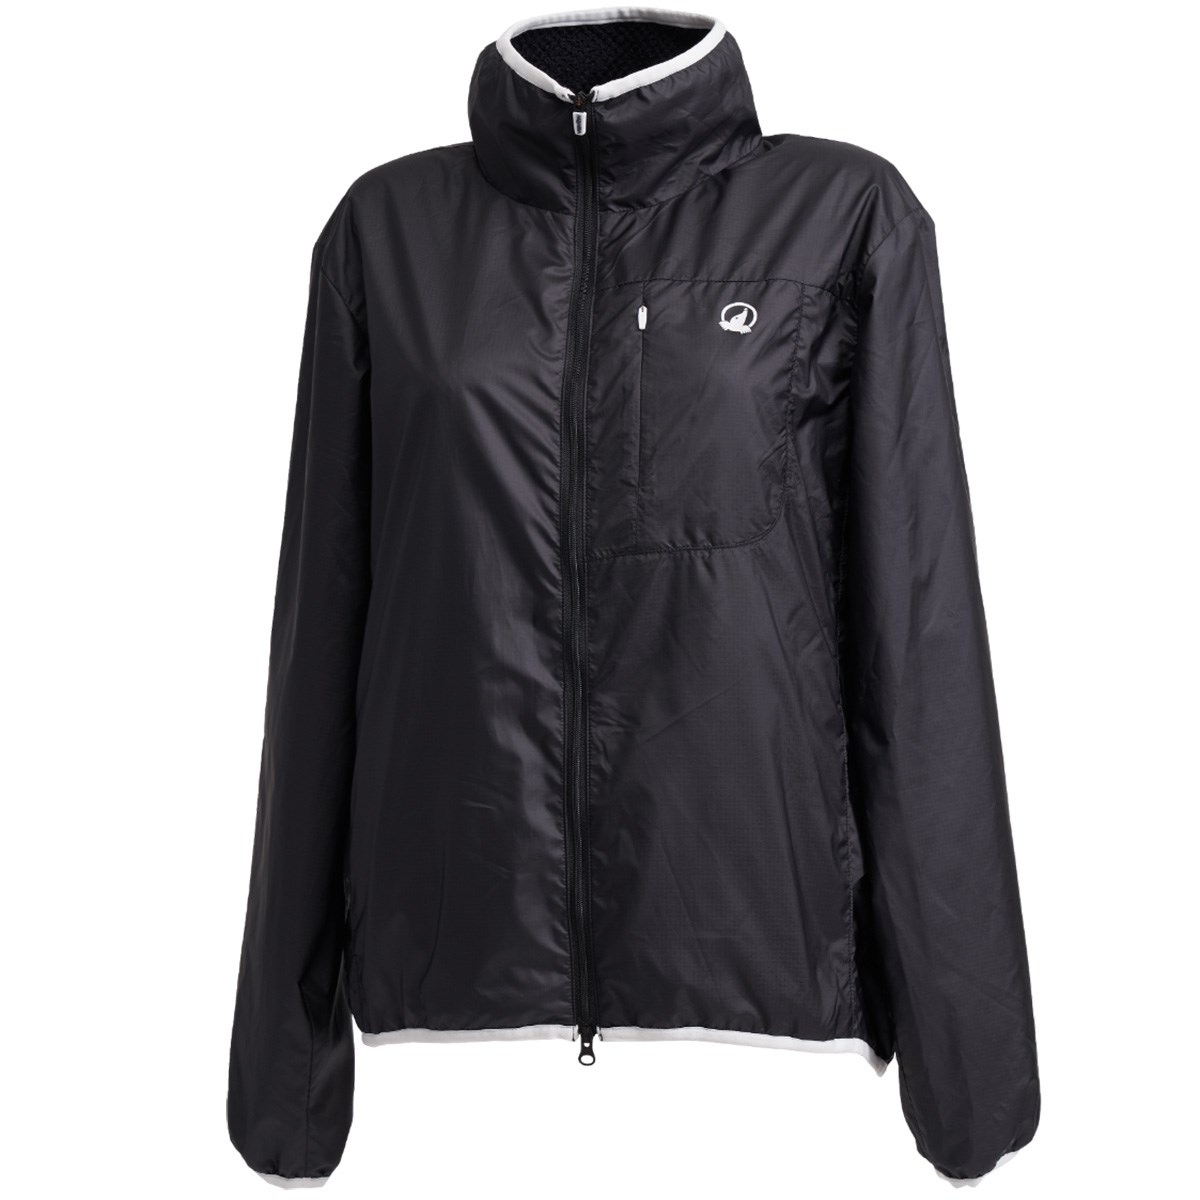 本間ゴルフ HONMA ジャケット S ブラック 700 レディス